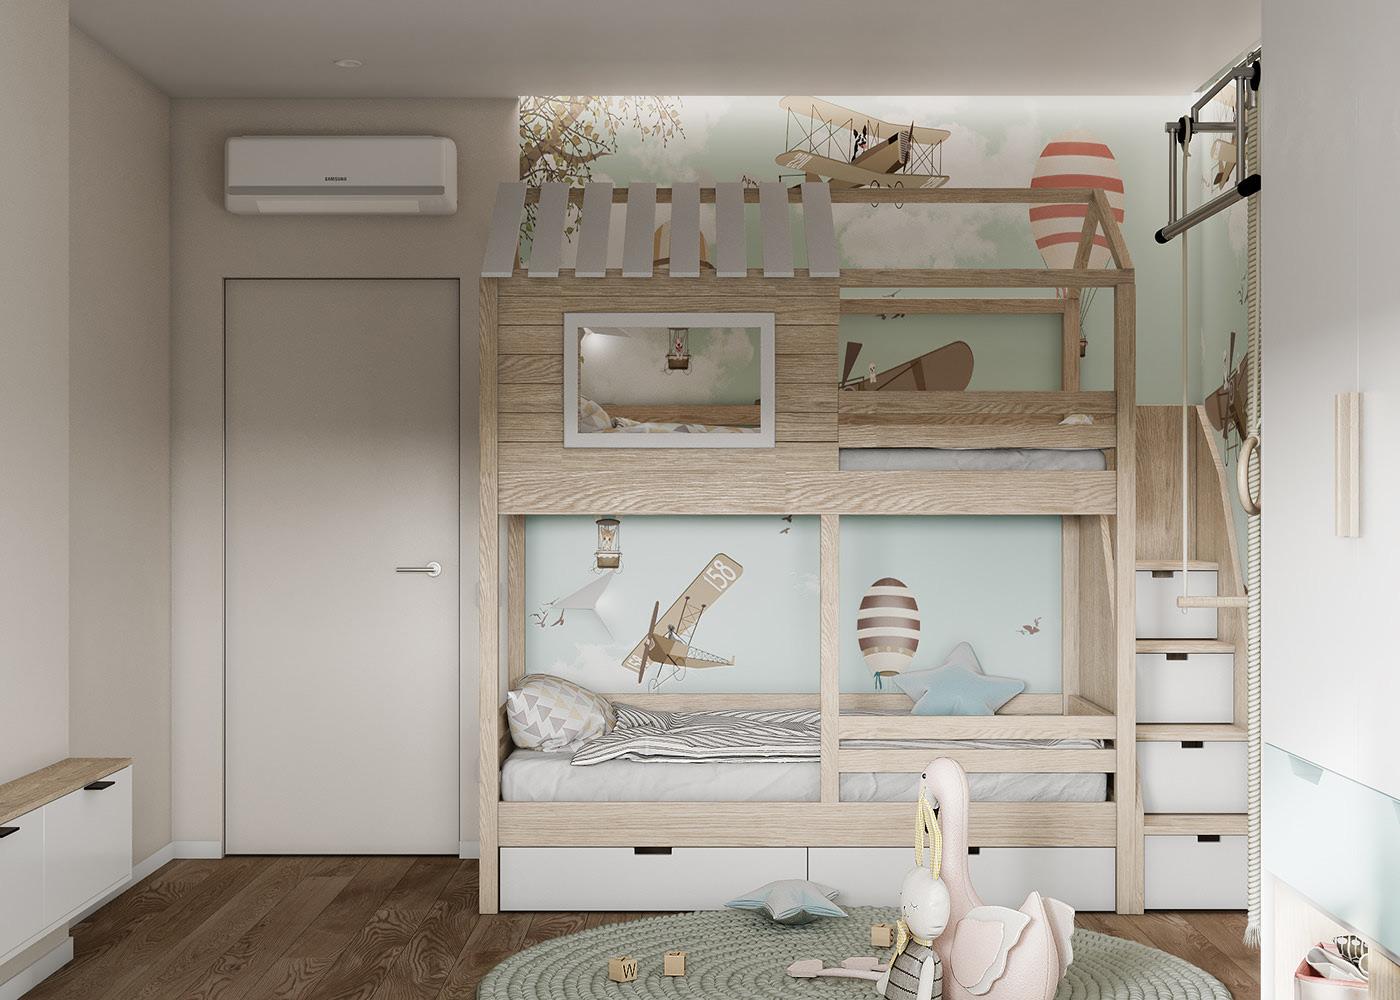 Tư vấn thiết kế căn hộ thô có diện tích 54m² với tổng chi phí 83 triệu đồng - Ảnh 8